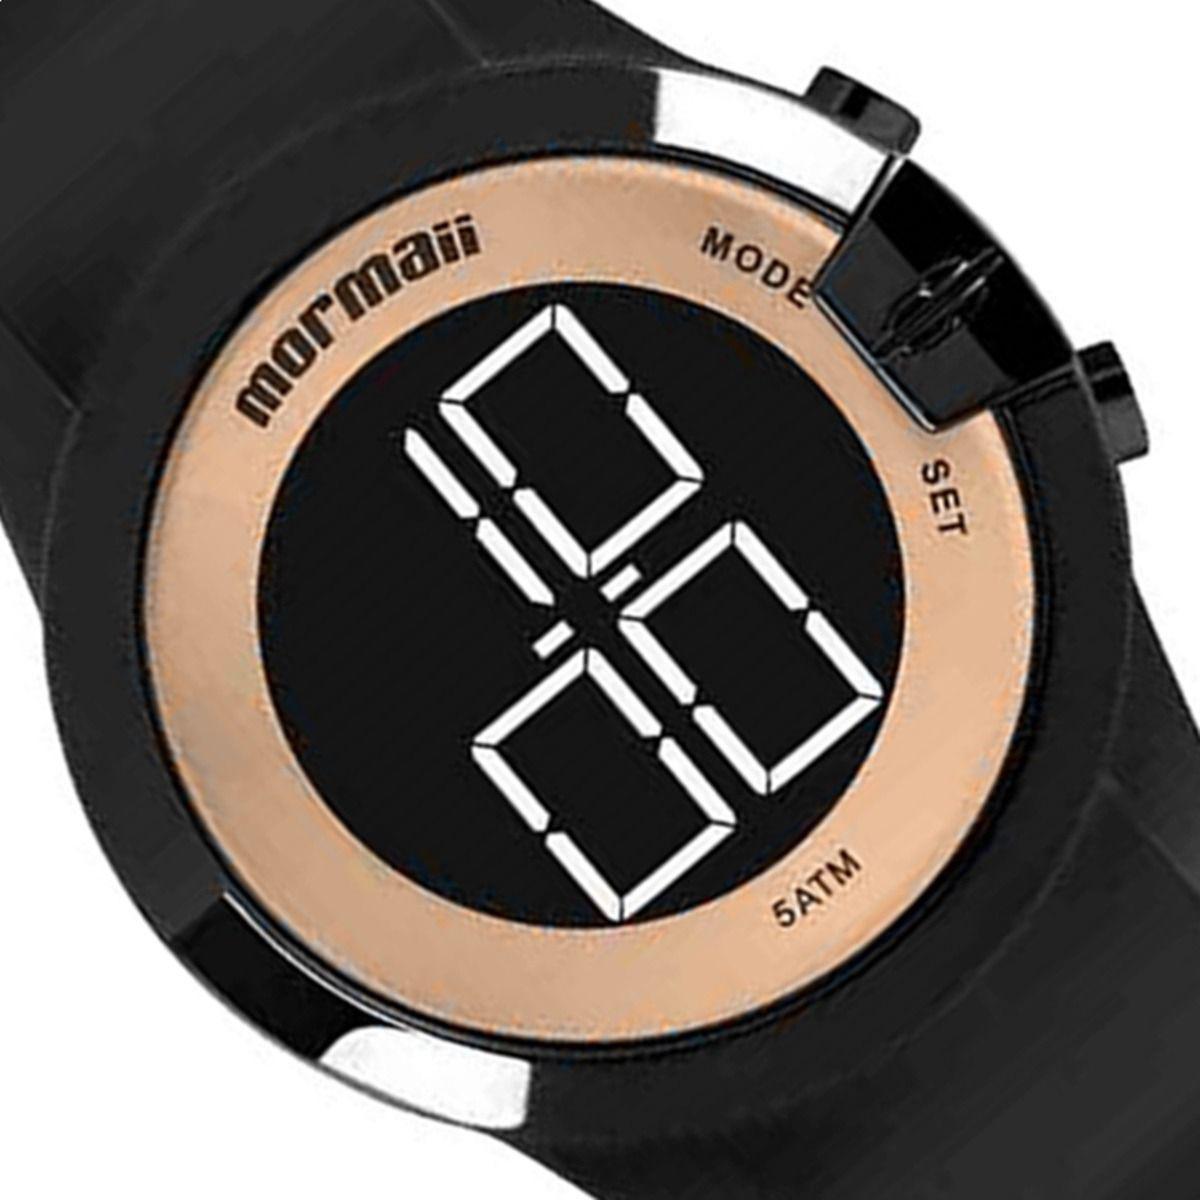 54440c1aae899 Relógio Mormaii Maui Lual Feminino - MO13001A 8J - Relógio Feminino ...